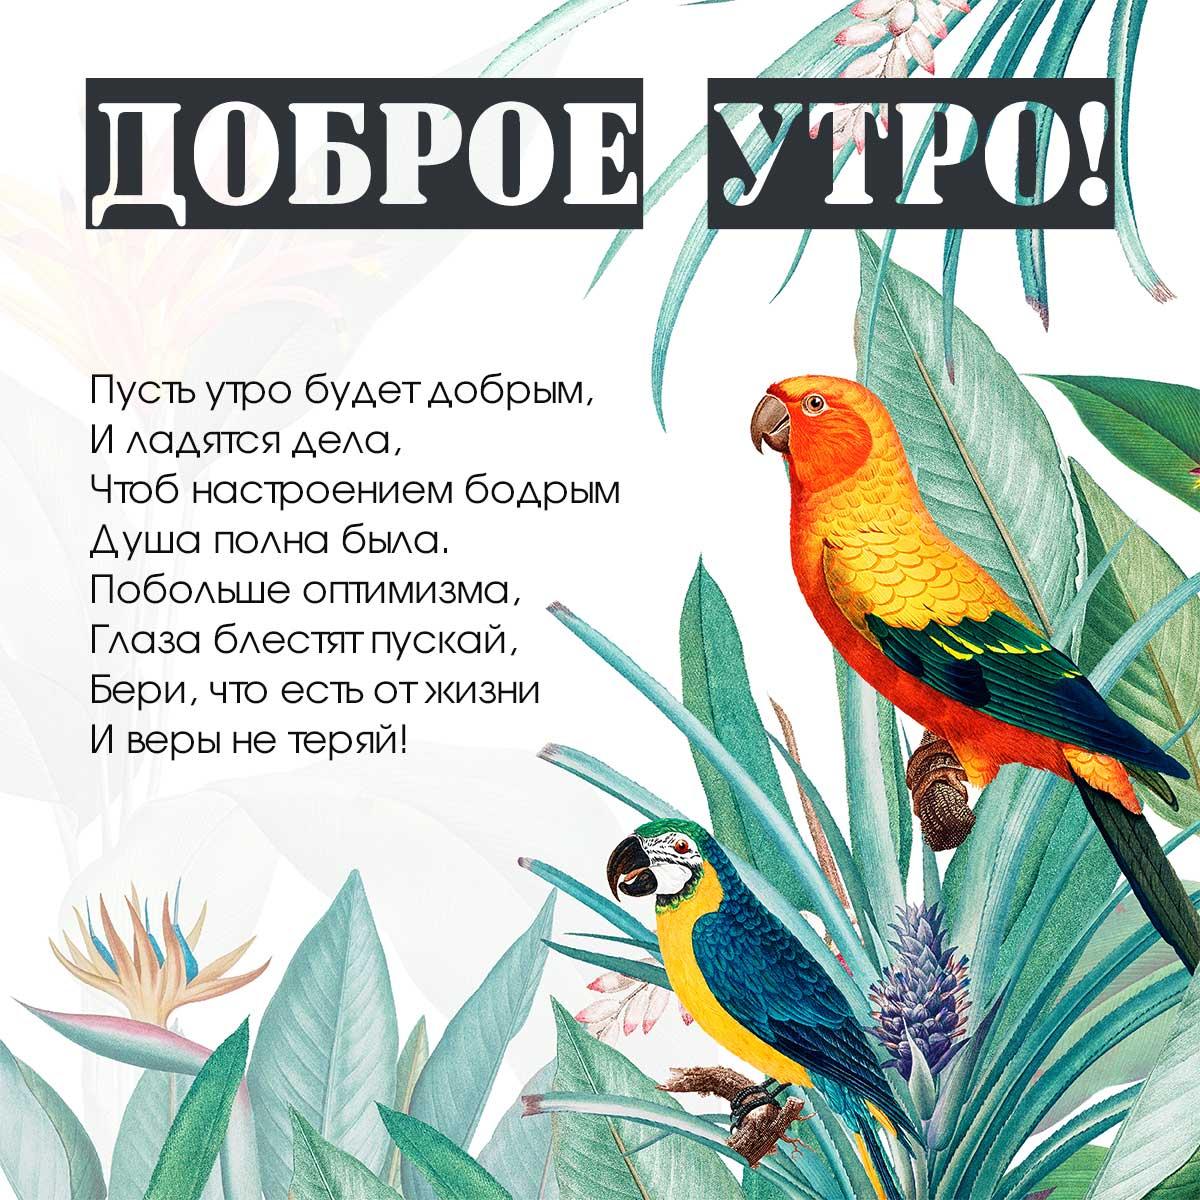 Картинка с текстом доброе утро с пожеланиями в стихах на фоне попугаев с ярким оперением на ветках зелёных тропических растений.